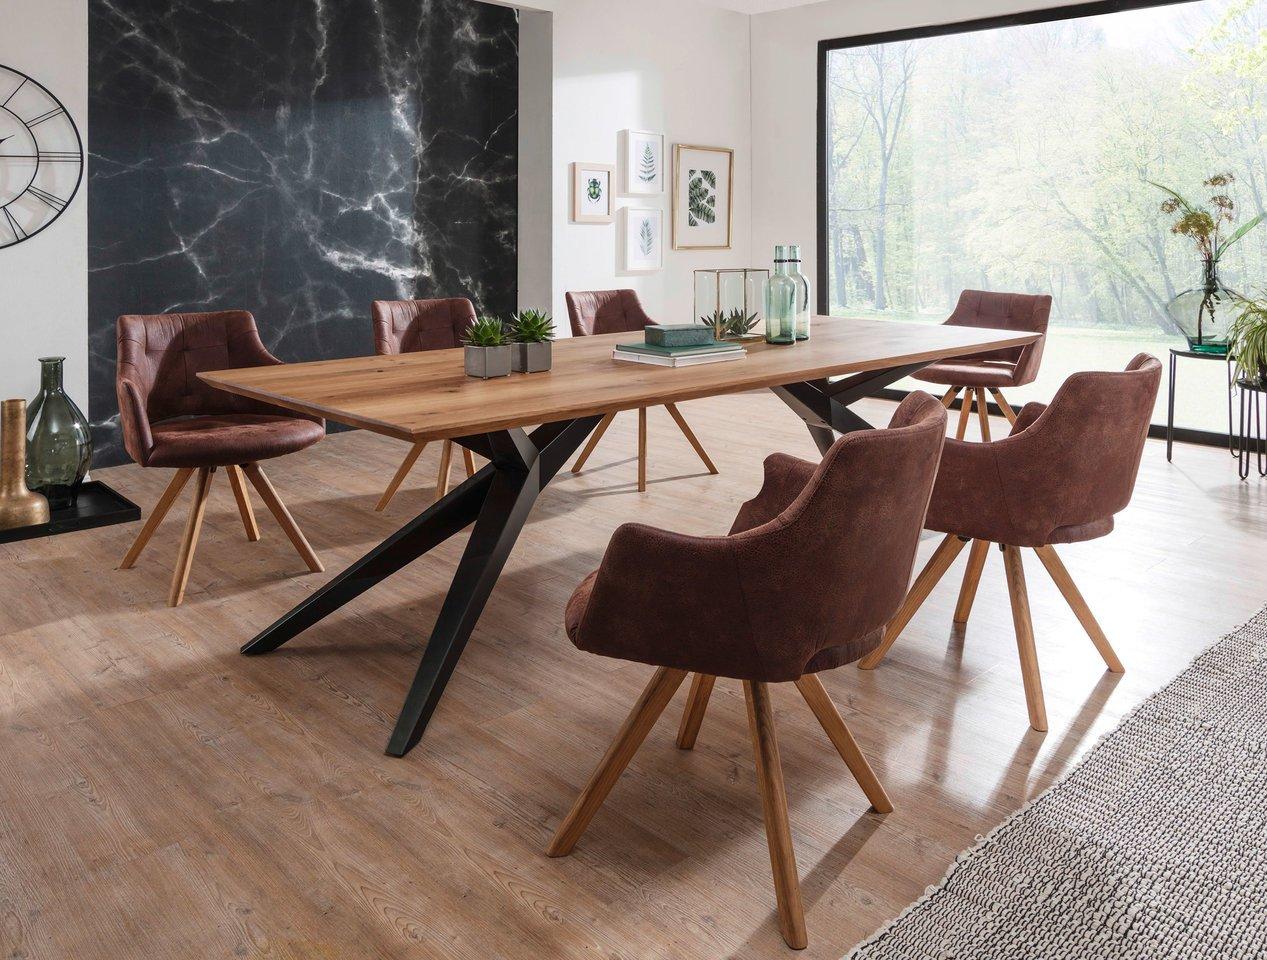 Elfo Massivholz Esstisch auf Metallgestell, 160 x 100 cm, Wildeiche